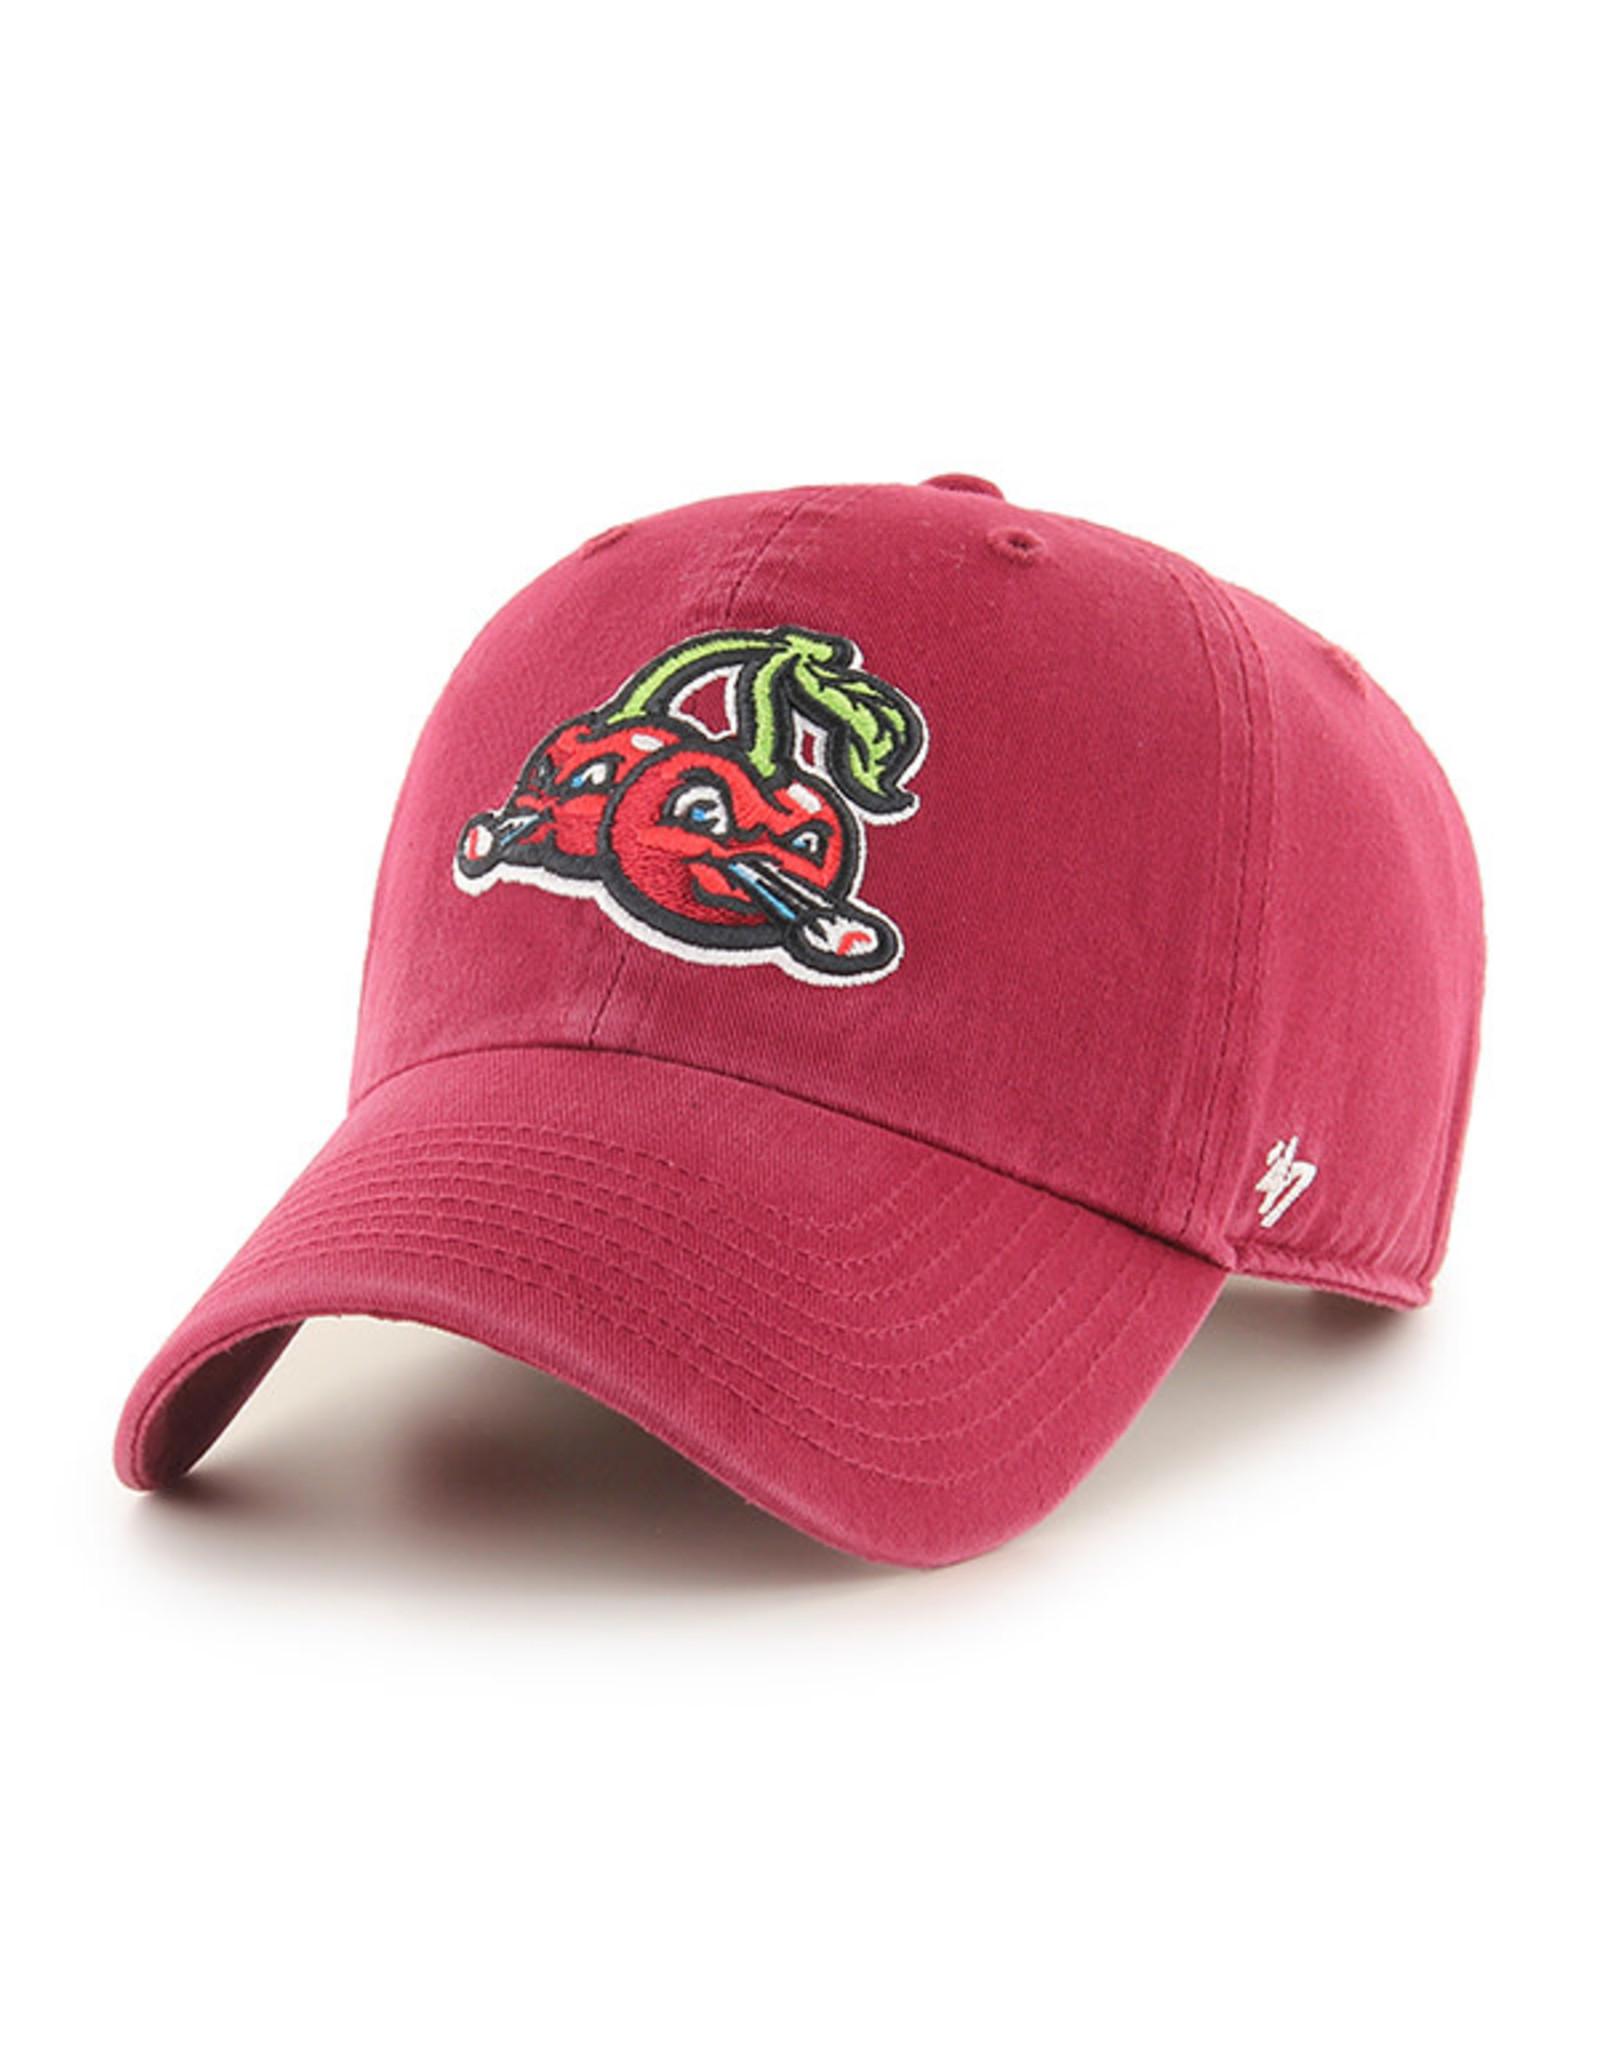 '47 Brand 1215 Dark Red Clean Up Cap